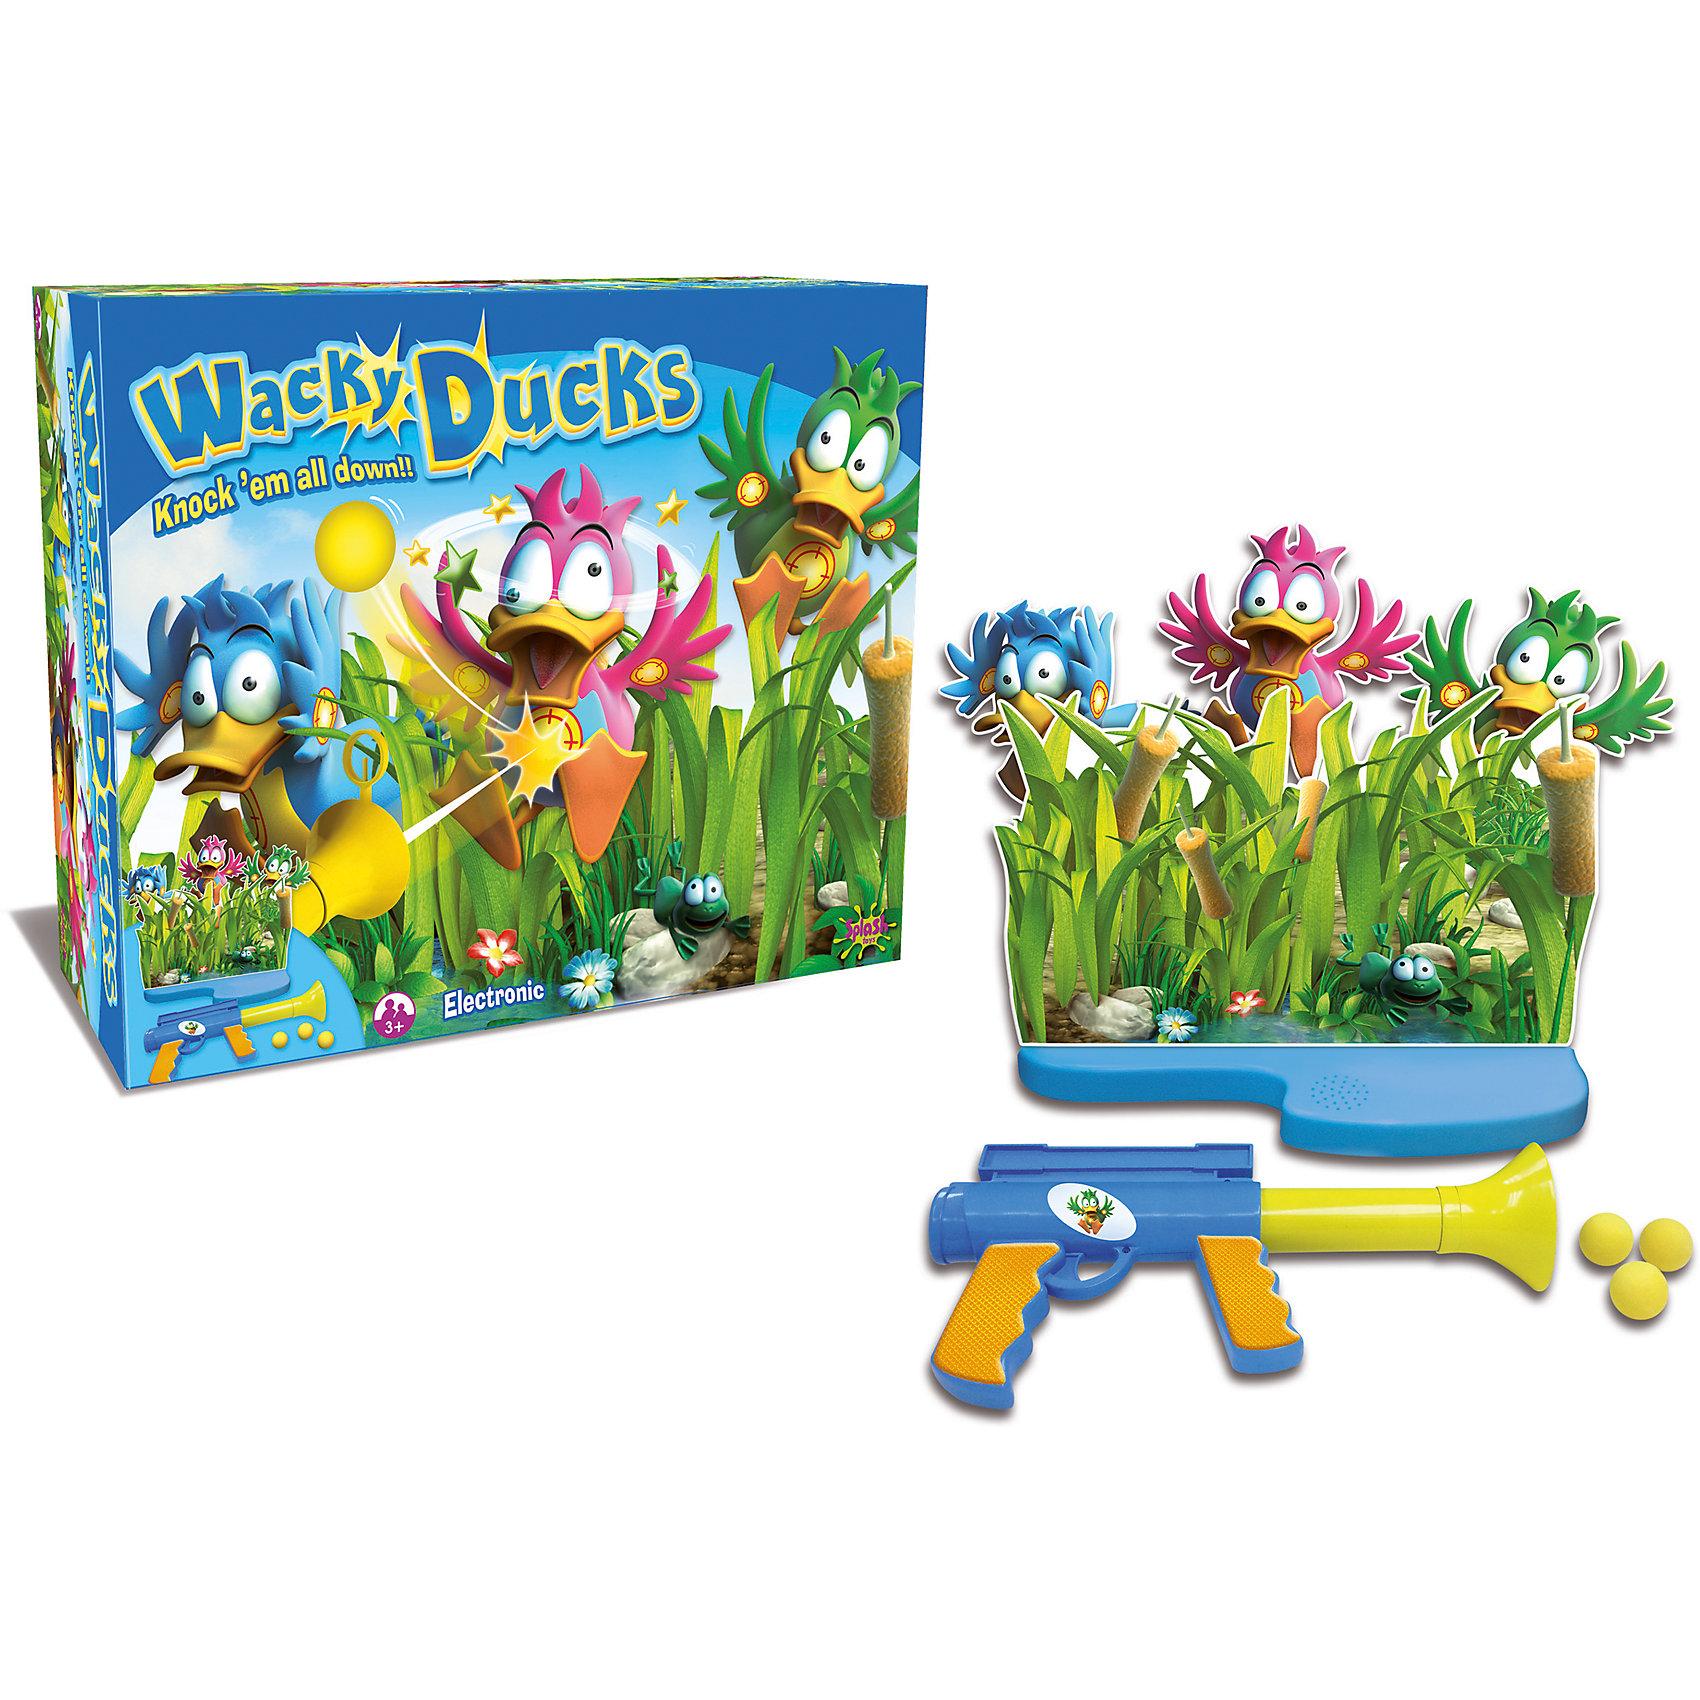 Игра Утиная охота, Splash ToysНастольные игры для всей семьи<br>Эта веселая  игра обязательно заинтересует детей. Скорее вооружайся пистолетом и отправляйся на утиную охоту! Притаись и жди: вот-вот из травы выглянет шустрая утка, остается только прицелиться и выстрелить. Все детали набора выполнены из высококачественных материалов, безопасны для детей. Пистолет стреляет мягкими шариками. Веселая игра надолго увлечет ребенка и поможет развить ему внимание, скорость реакции и меткость. <br><br>Дополнительная информация:<br><br>- Материал: пластик, картон.<br>- Размер: 34,7x16,2x26,7 см<br>- Безопасные мягкие пули.<br>- Звуковые, световые эффекты. <br>- Элемент питания: 3 ААА батарейки (не входят в комплект).<br>- Комплектация: электронное основание, картонная декорация, двигающиеся утки 3 шт., мячи 3 шт., ружьё, инструкция.<br><br>Игру Утиная охота, Splash Toys, можно купить в нашем магазине.<br><br>Ширина мм: 347<br>Глубина мм: 162<br>Высота мм: 267<br>Вес г: 900<br>Возраст от месяцев: 36<br>Возраст до месяцев: 168<br>Пол: Унисекс<br>Возраст: Детский<br>SKU: 4377570